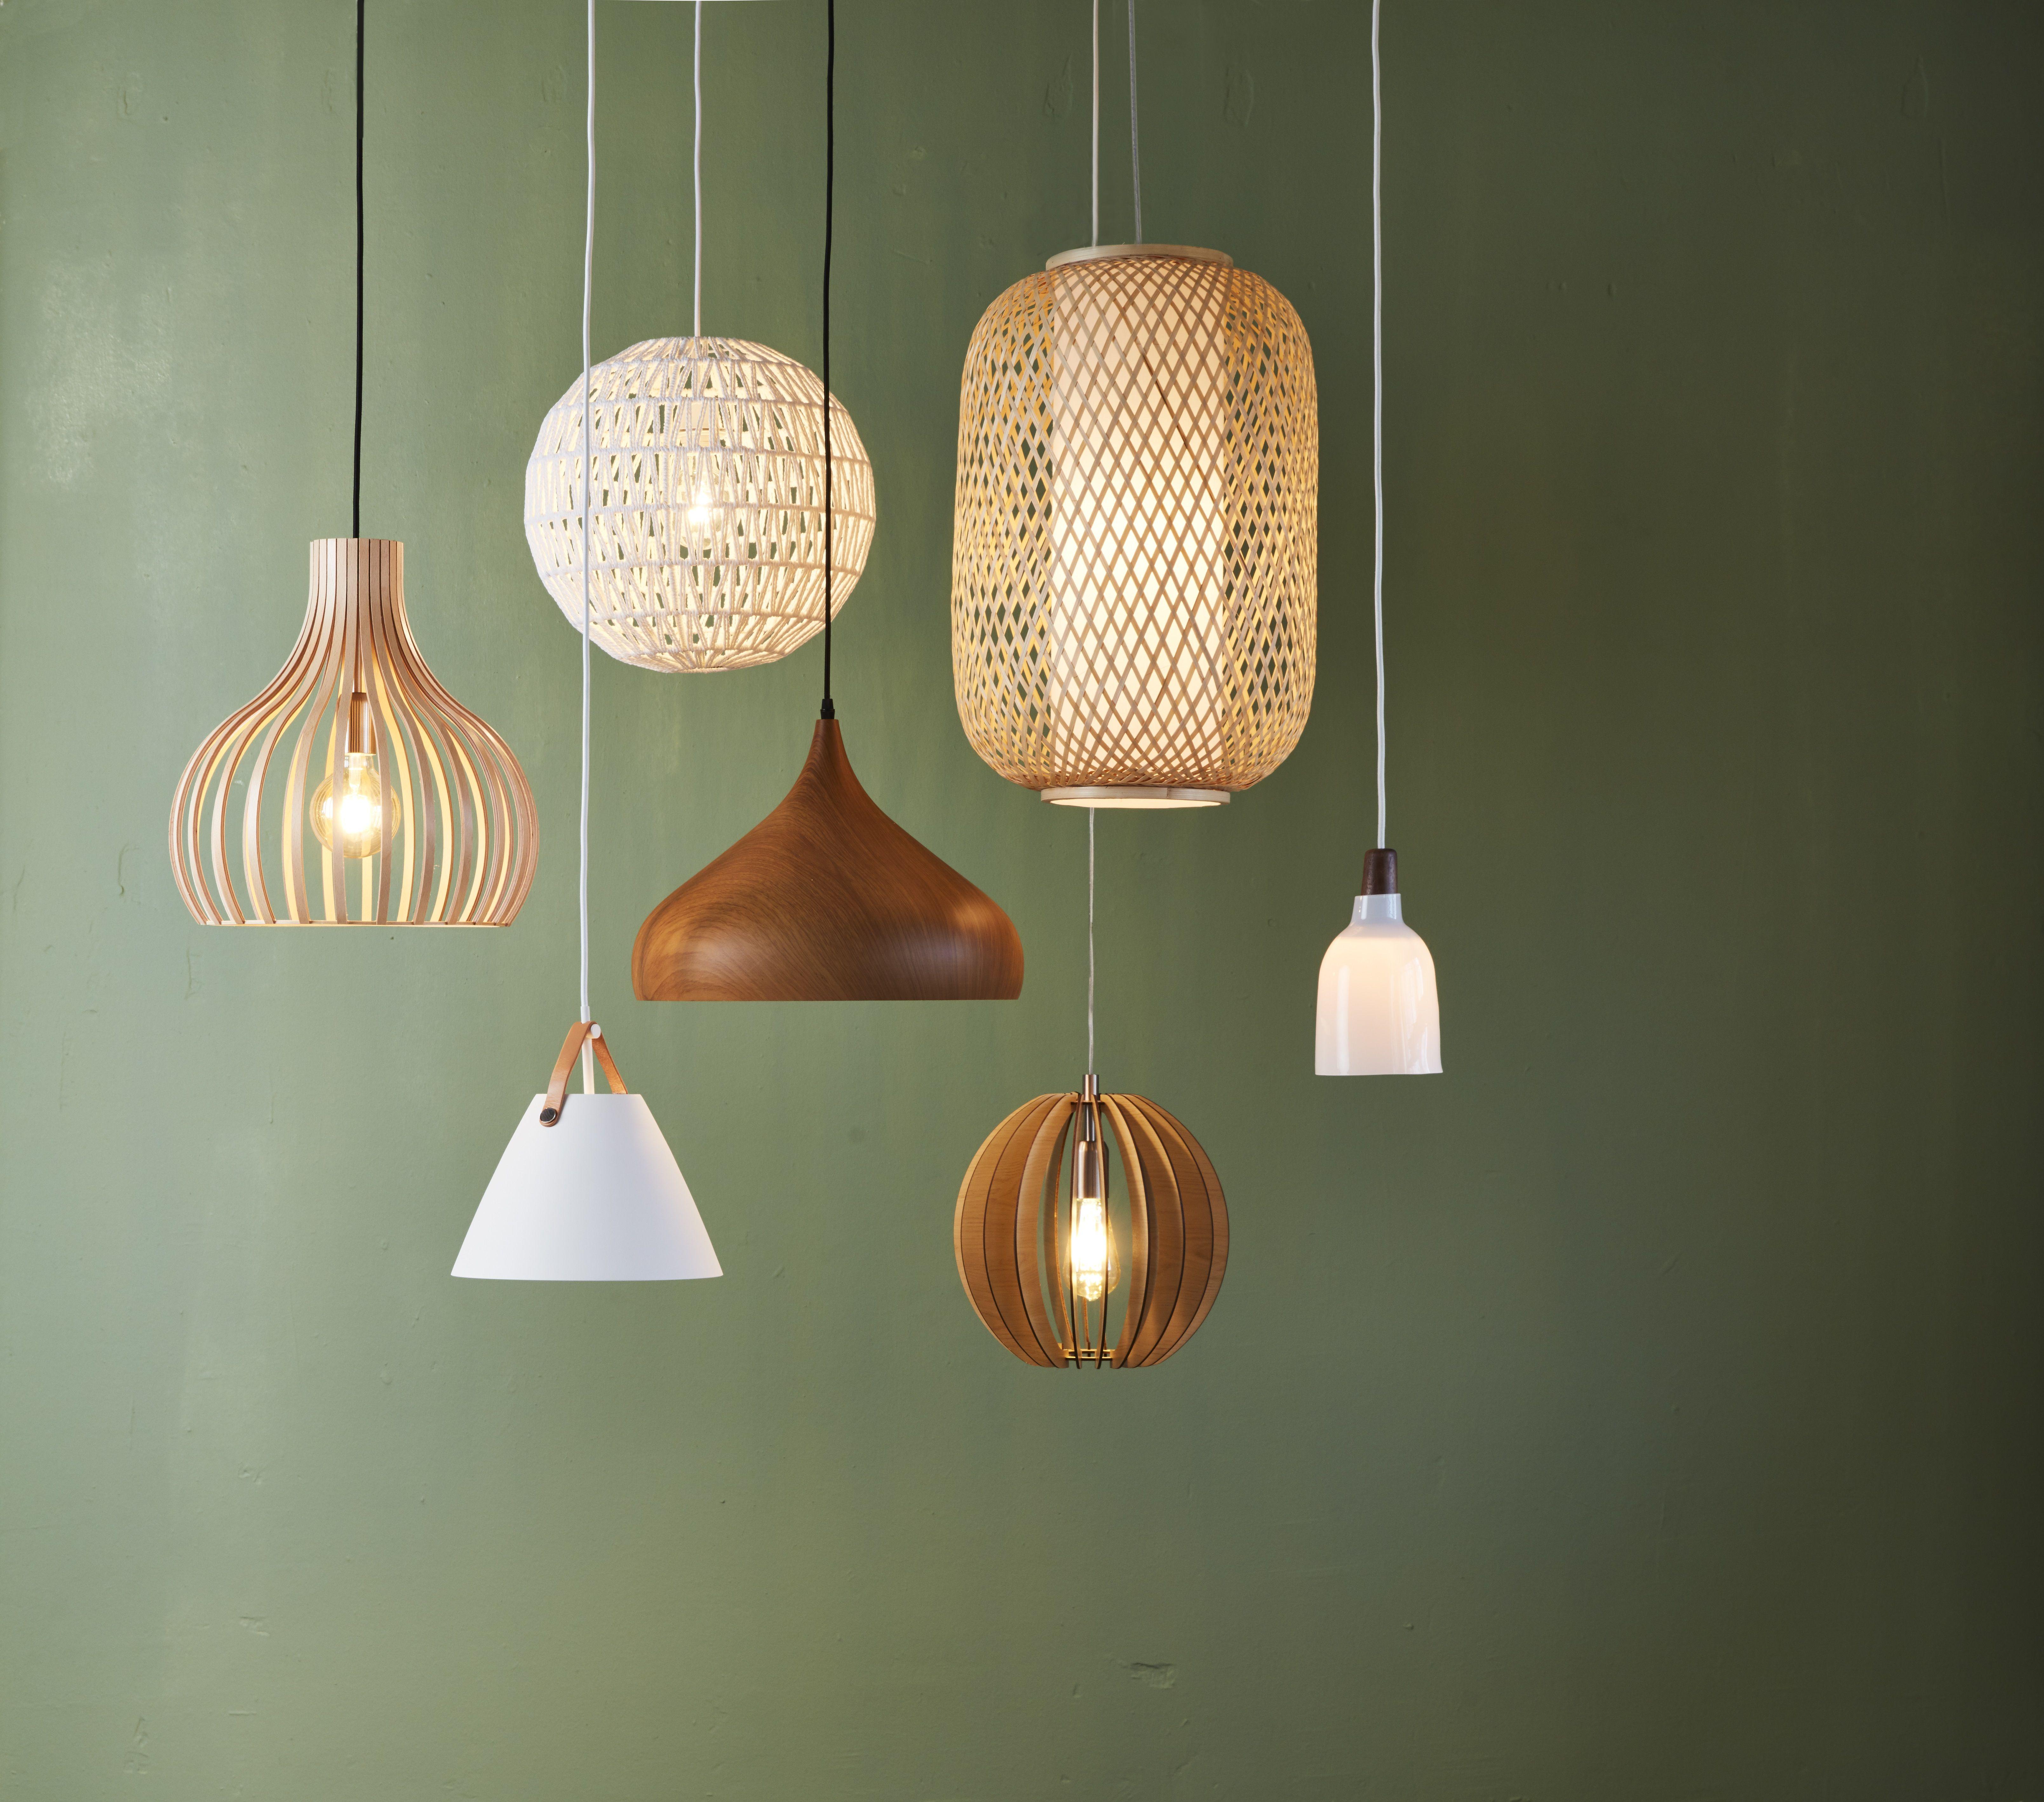 Praxis | Vind jouw stijl lampen in ons assortiment! | Licht ...